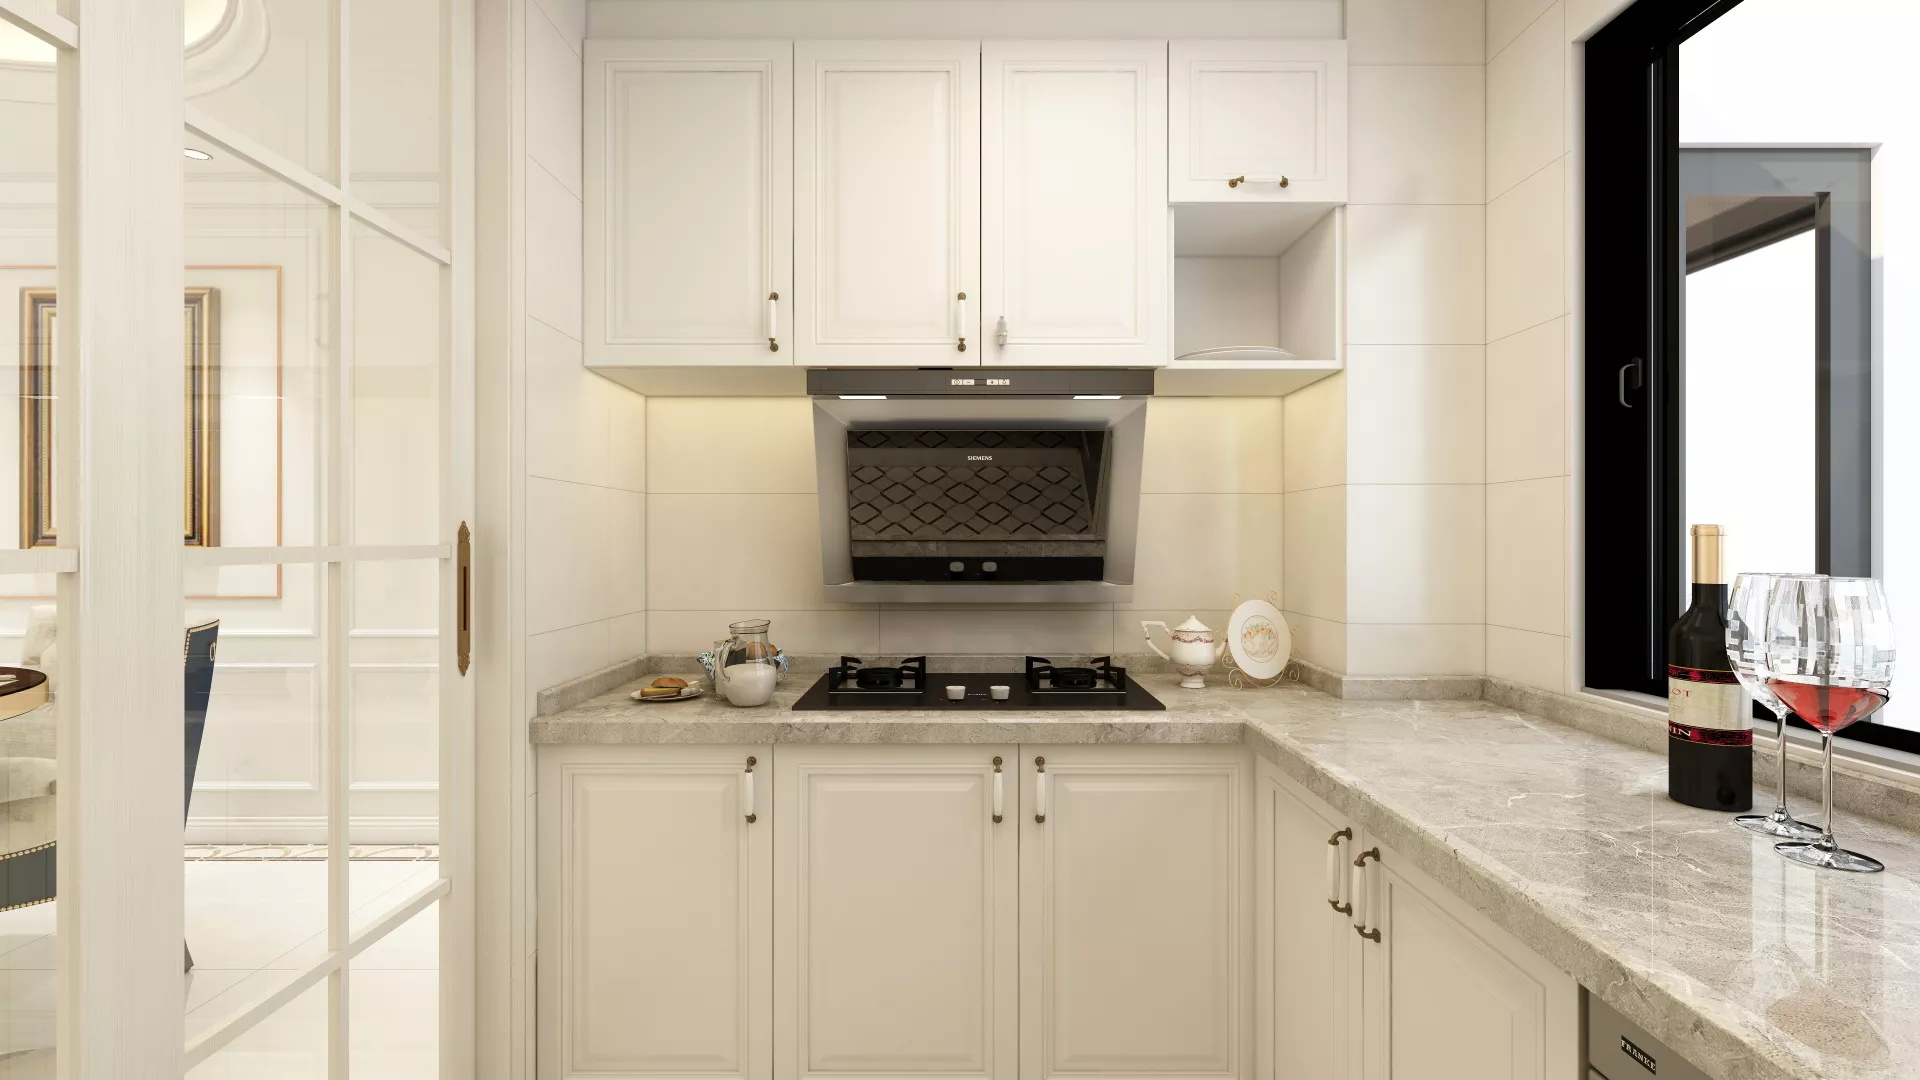 家居清新风格壁纸如何搭配?家居浅色壁纸搭配要点